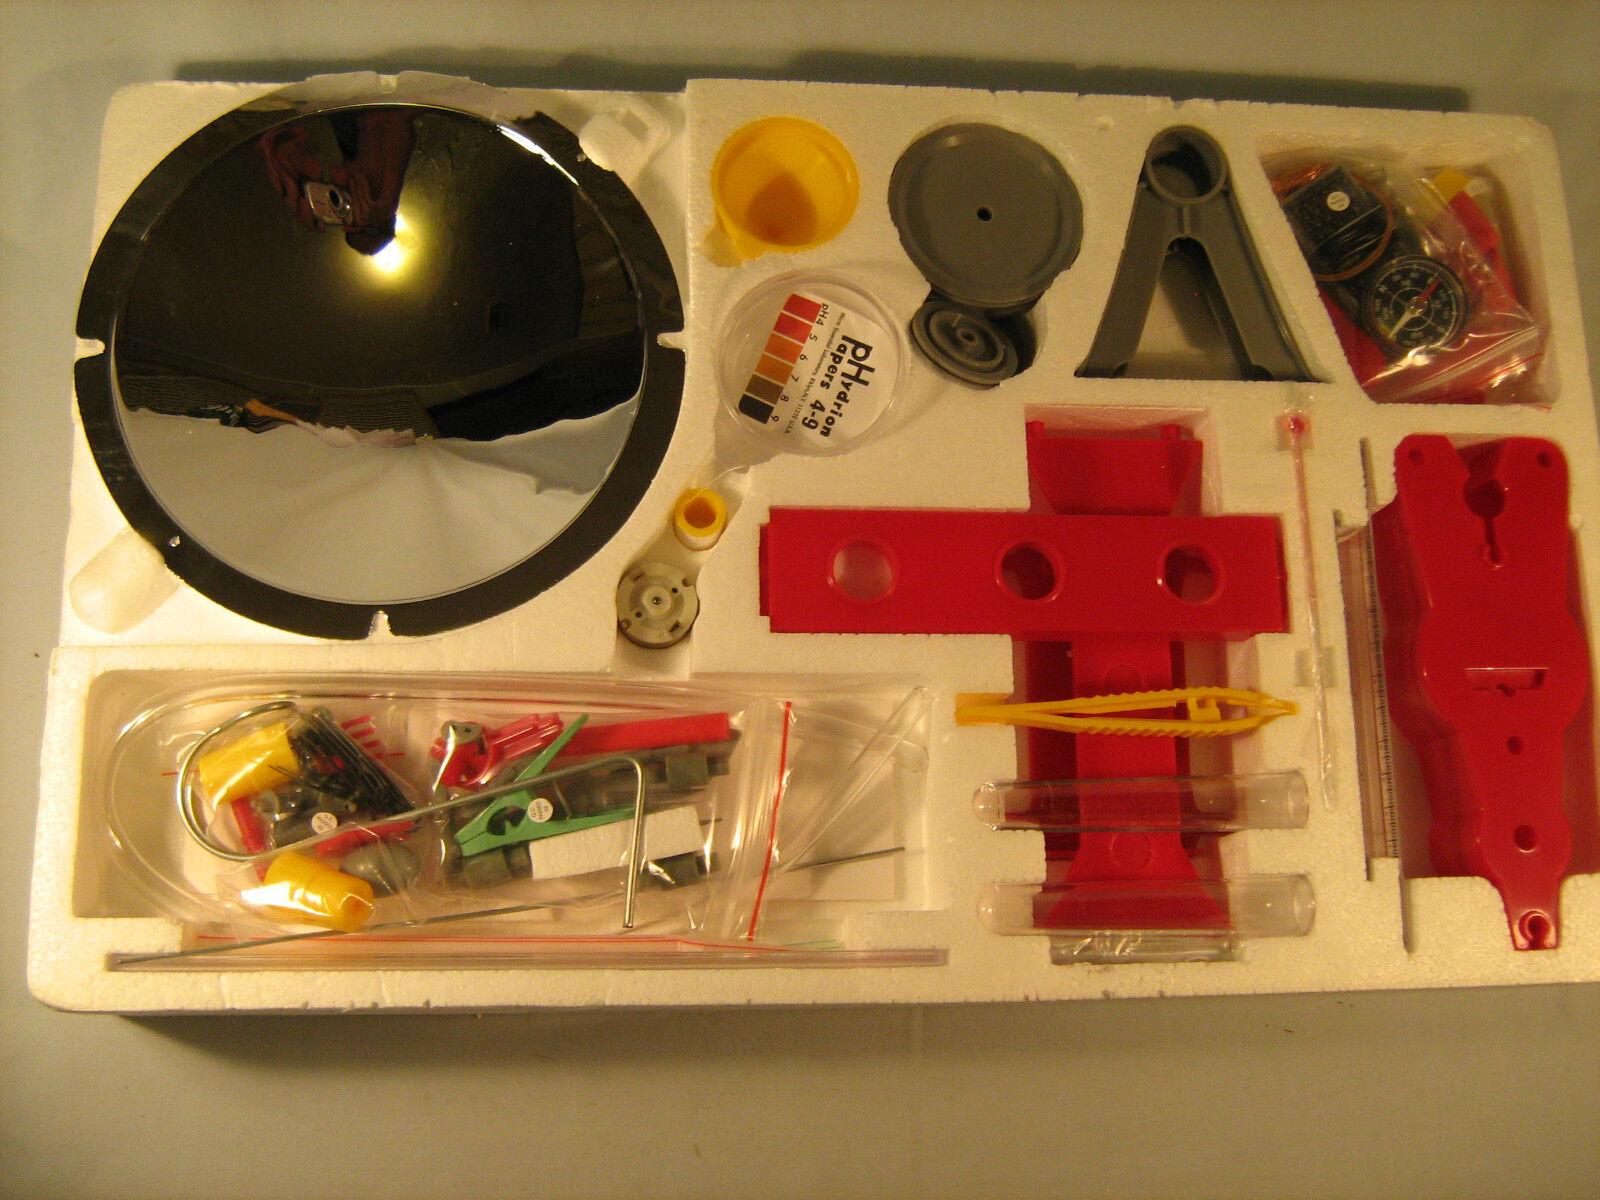 Edu wissenschaft kit junior wissenschaftler kit wissenschaft 300 expirements y23 d80588